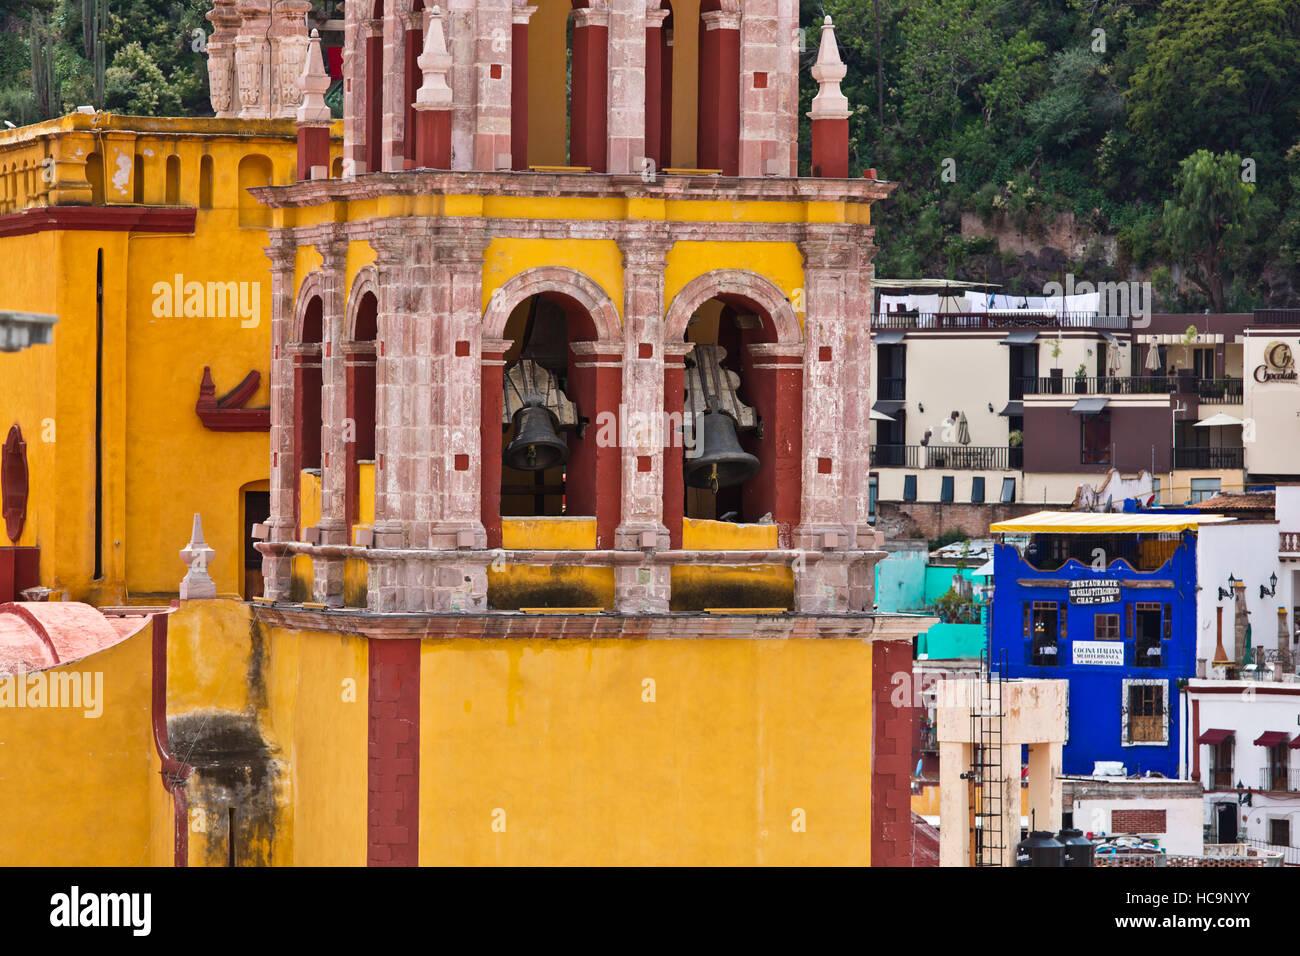 The Basilica Colegiata de Nuestra Senora that grace the town - GUANAJUATO, MEXICO - Stock Image